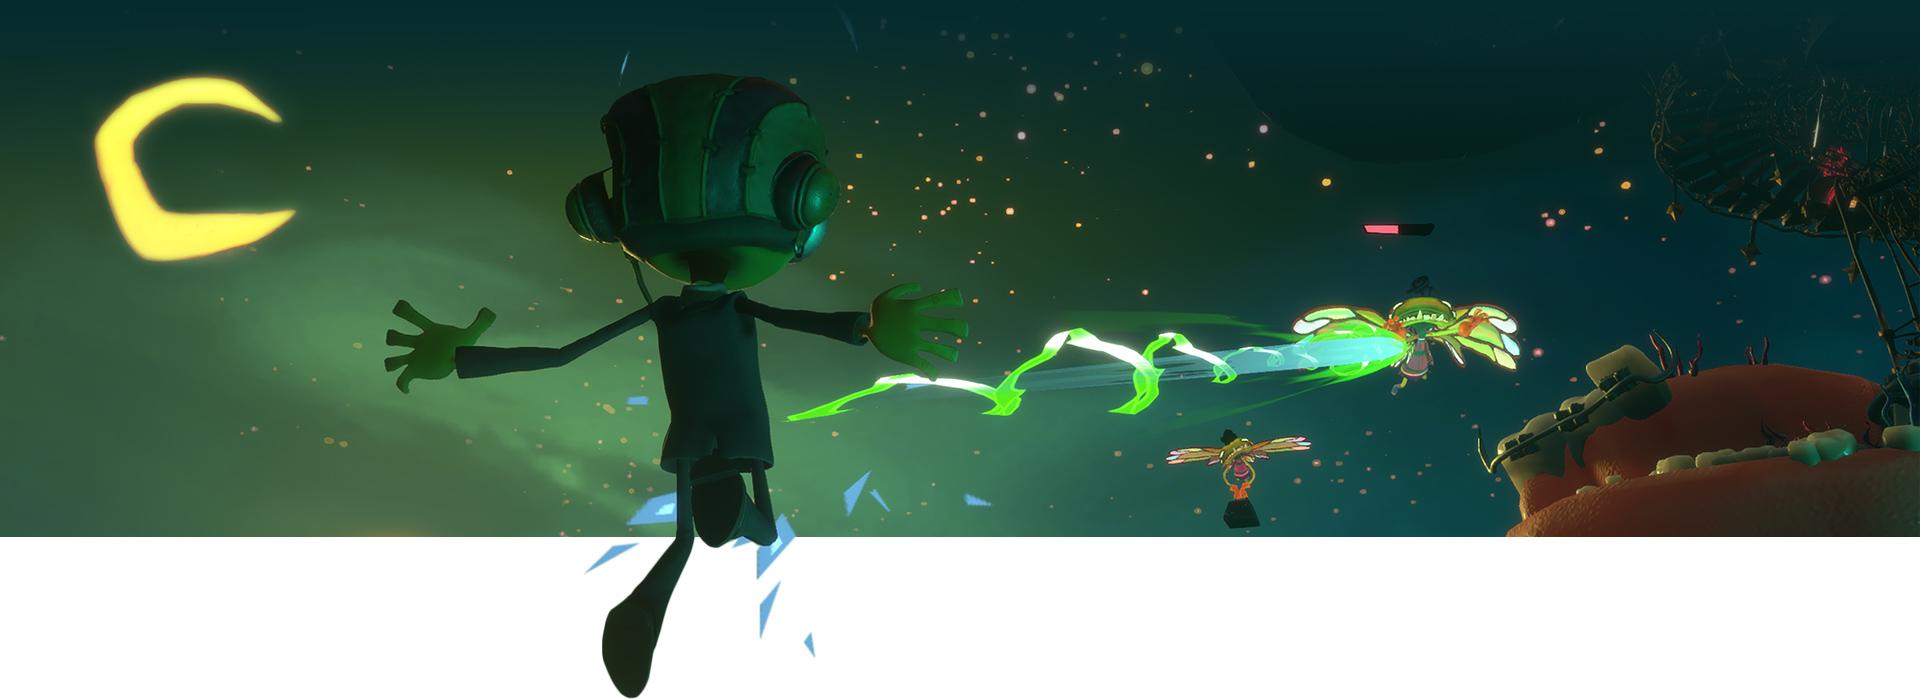 Ο Raz σηκώνεται στον αέρα και ρίχνει πράσινο φως σε έναν εχθρό με φόντο τον νυχτερινό ουρανό.